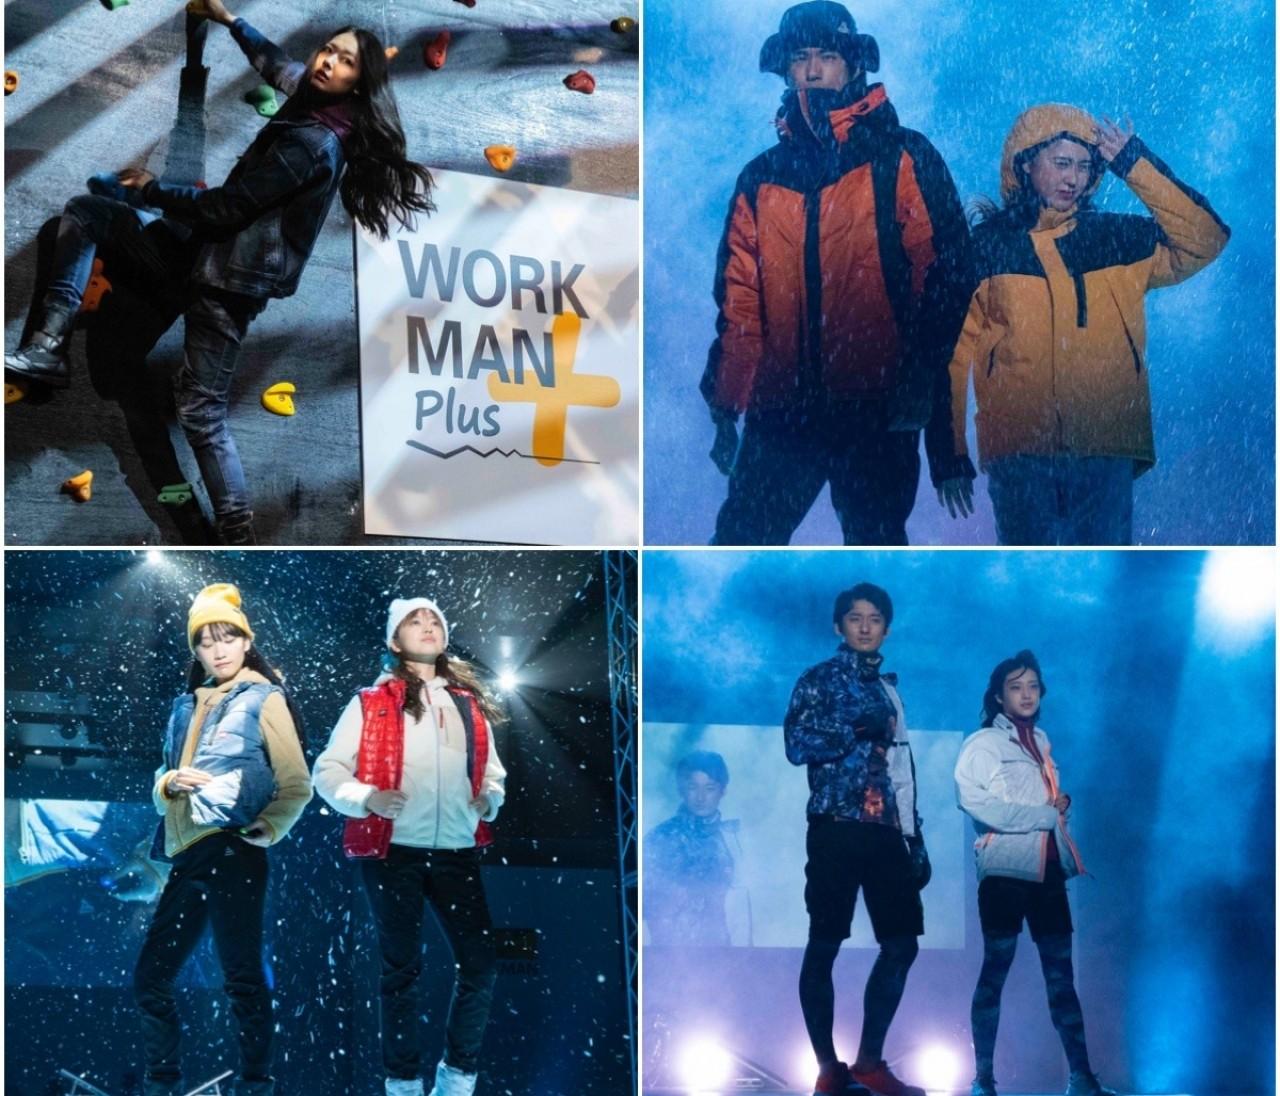 【ワークマン(WORKMAN)】2020年秋冬新商品発表会&過酷ファッションショー速報、防水・防寒・防風・透湿に優れたおすすめ高機能ウェアをレポート!